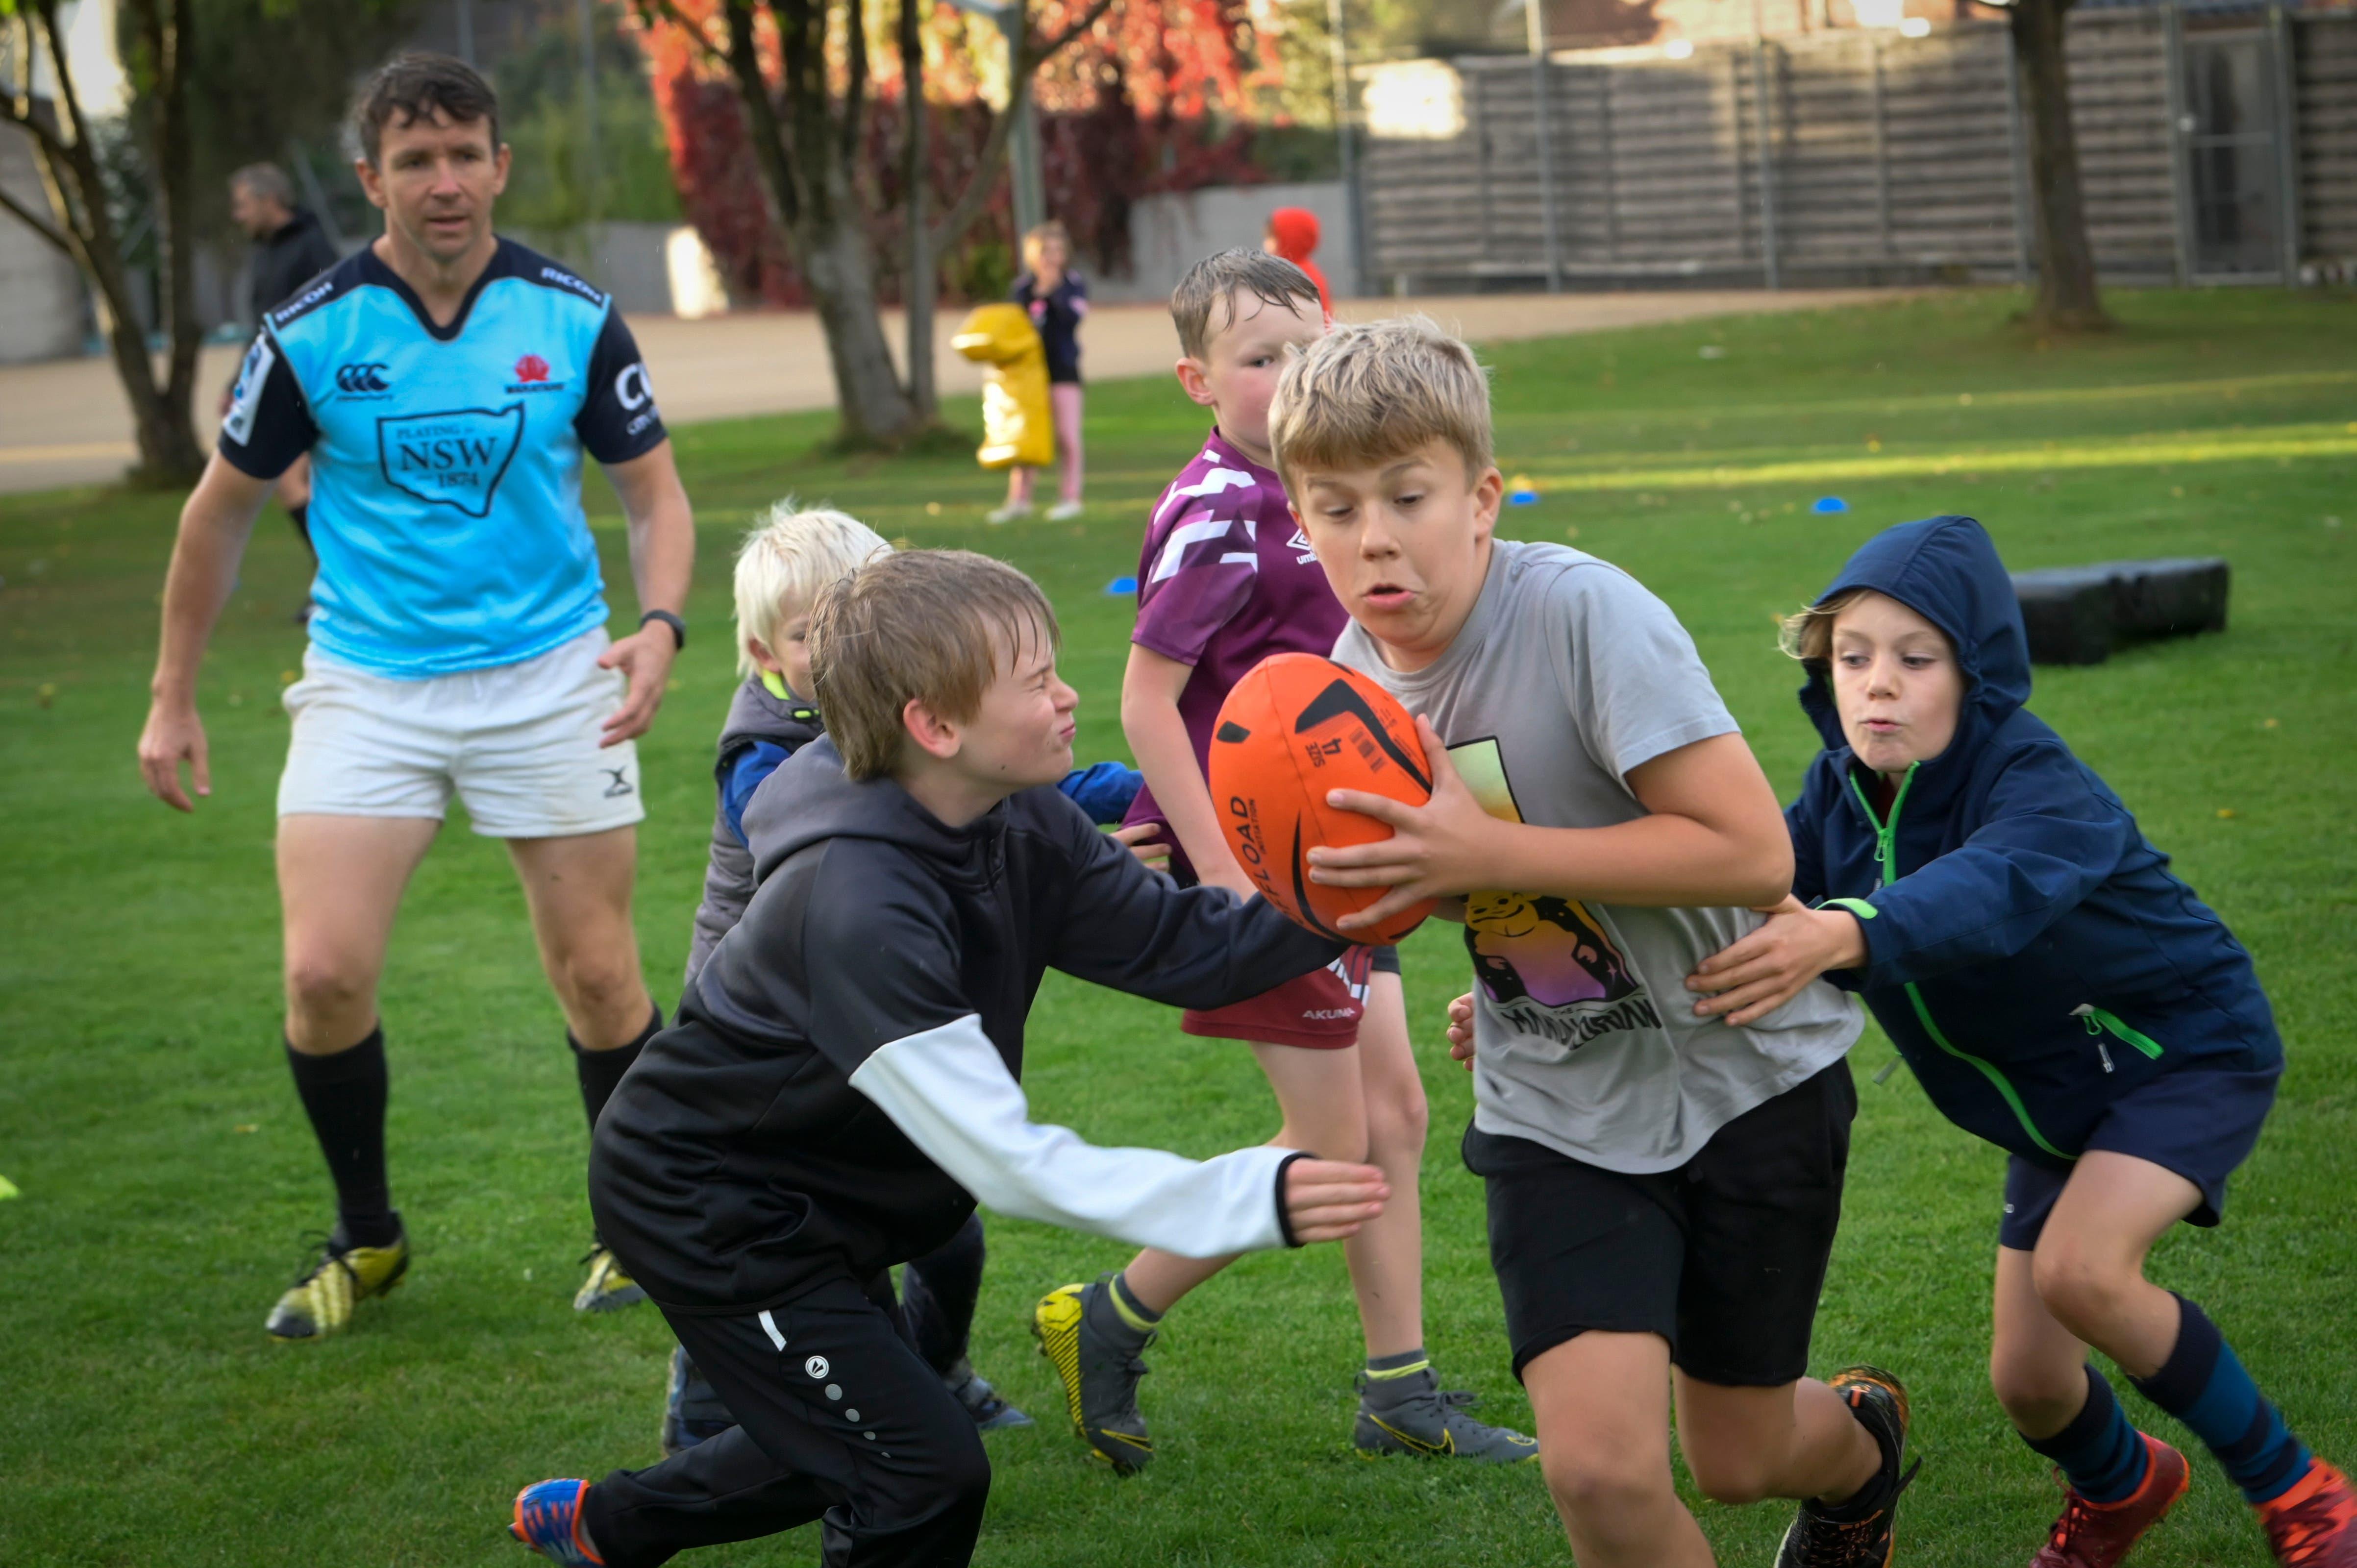 «Tackle him!», ruft Gründungsmitglied und Trainer Caleb Cooke des Rugby Club Tägerwilen, während er die Kleinen anfeuert, als sie aufeinander zurennen. Der Knabe mit dem orangen Rugbyball versucht seinen Gegnern zu entkommen, die ihn durch ein Tackle umwerfen wollen.